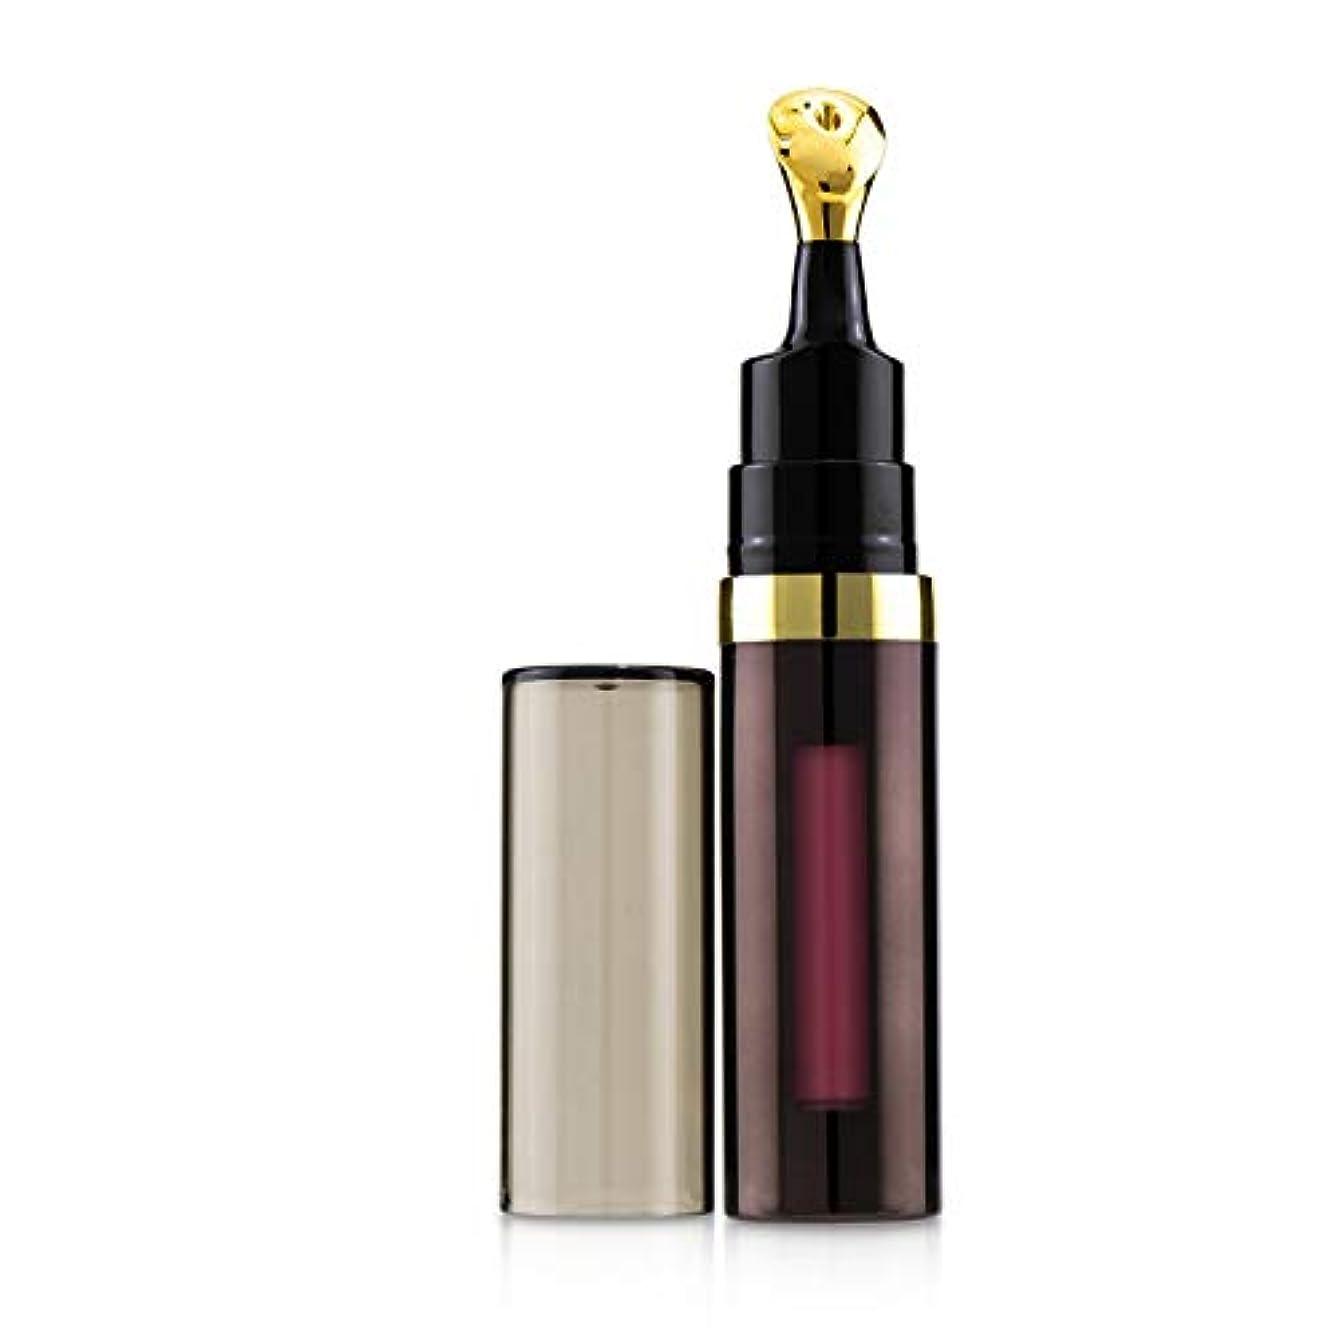 オフセット落胆するディスパッチアワーグラス No.28 Lip Treatment Oil - # Adorn (Pinky Rose) 7.5ml/0.25oz並行輸入品